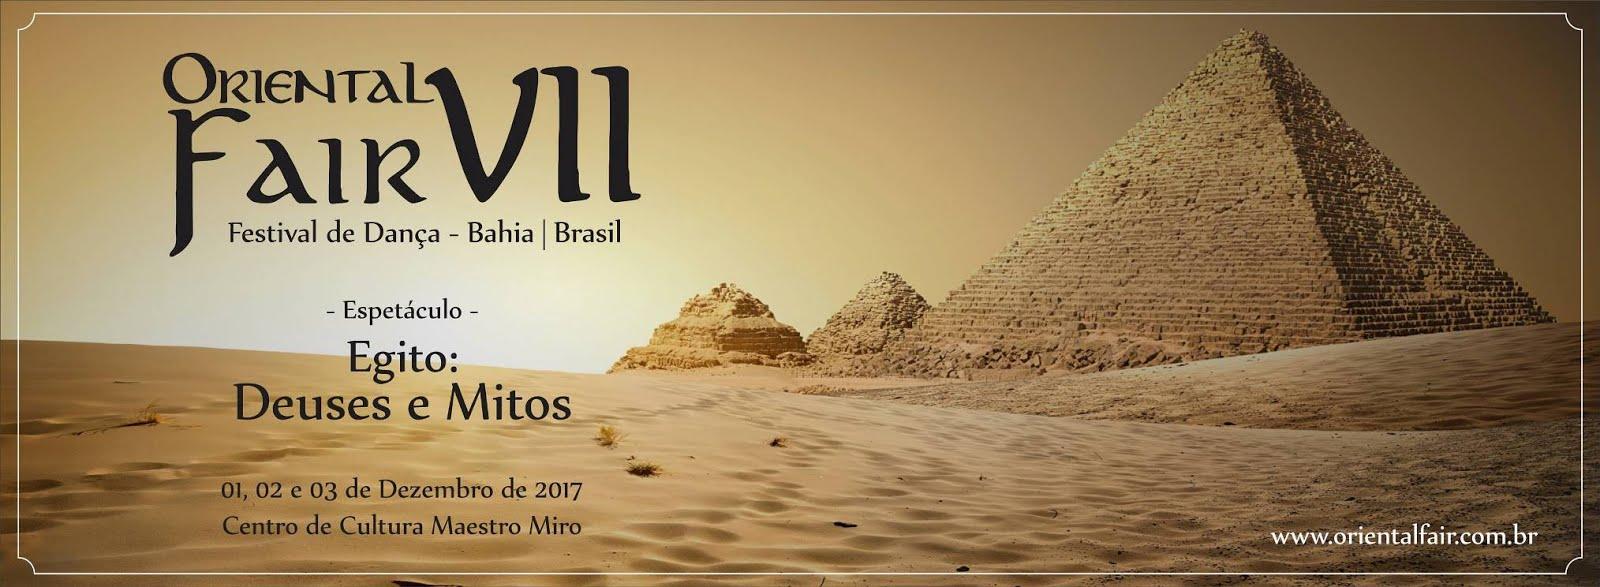 Oriental Fair VII: Festival de Dança Bahia   Brasil